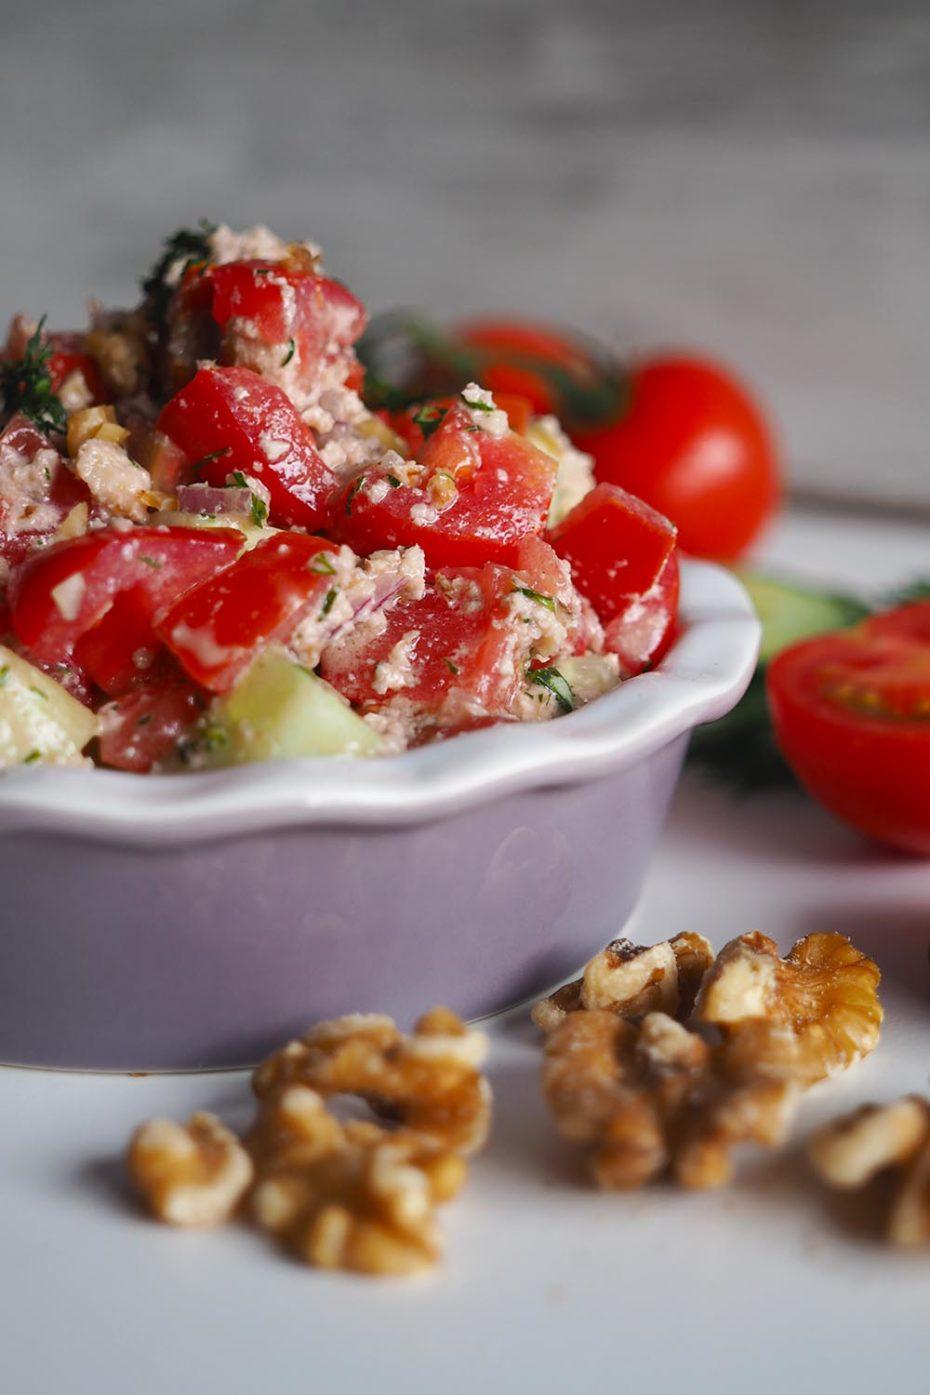 Georgischer Salat mit Tomaten, Gurken und Walnüssen